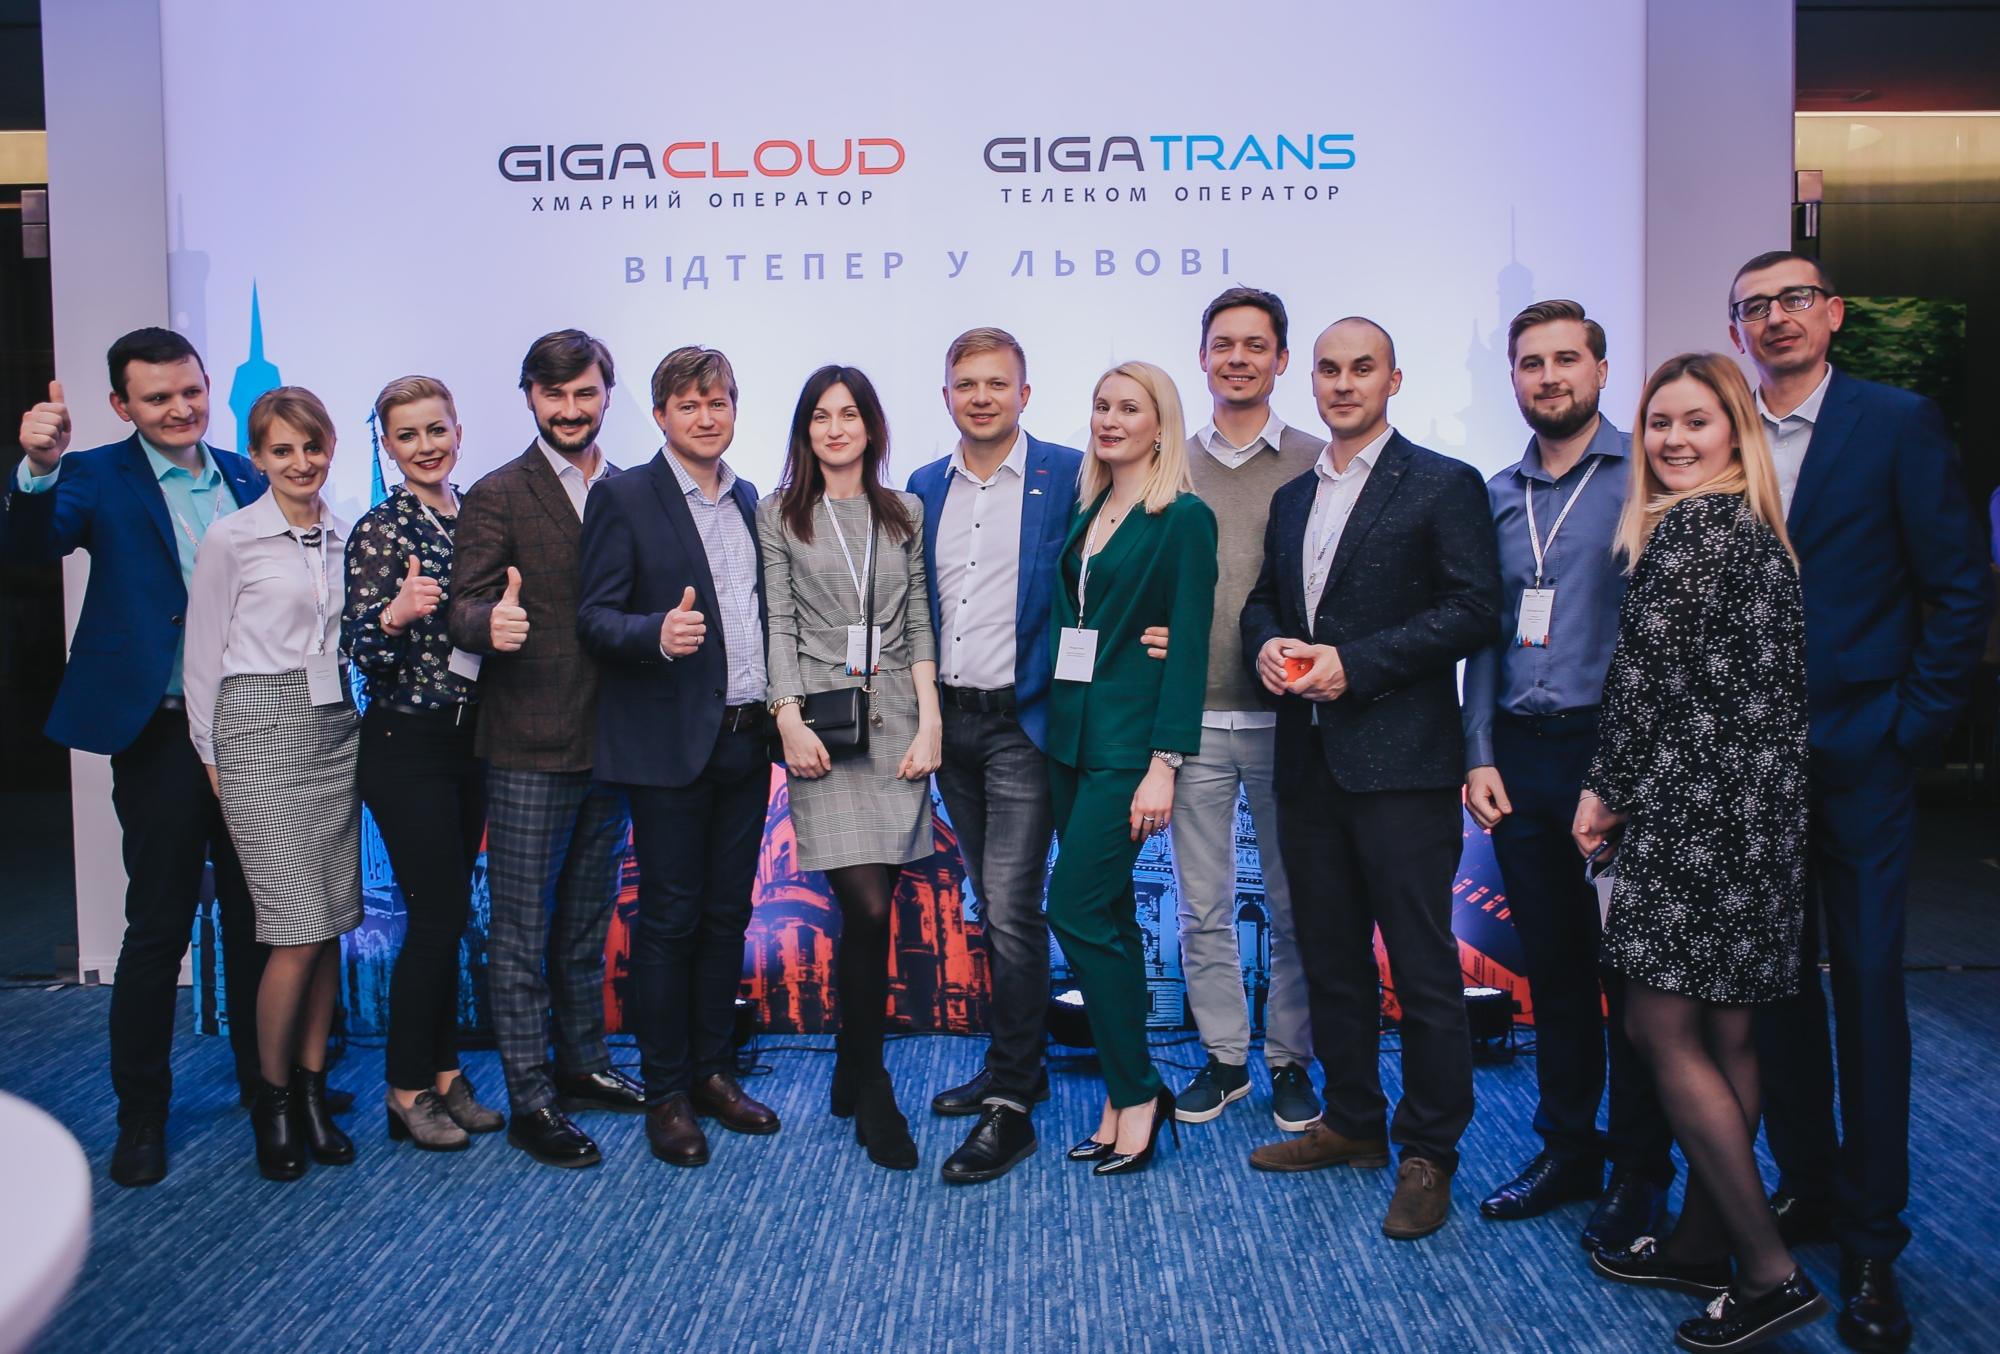 Новий крок у масштабуванні бізнесу - відтепер GigaTrans та GigaCloud  у Львові